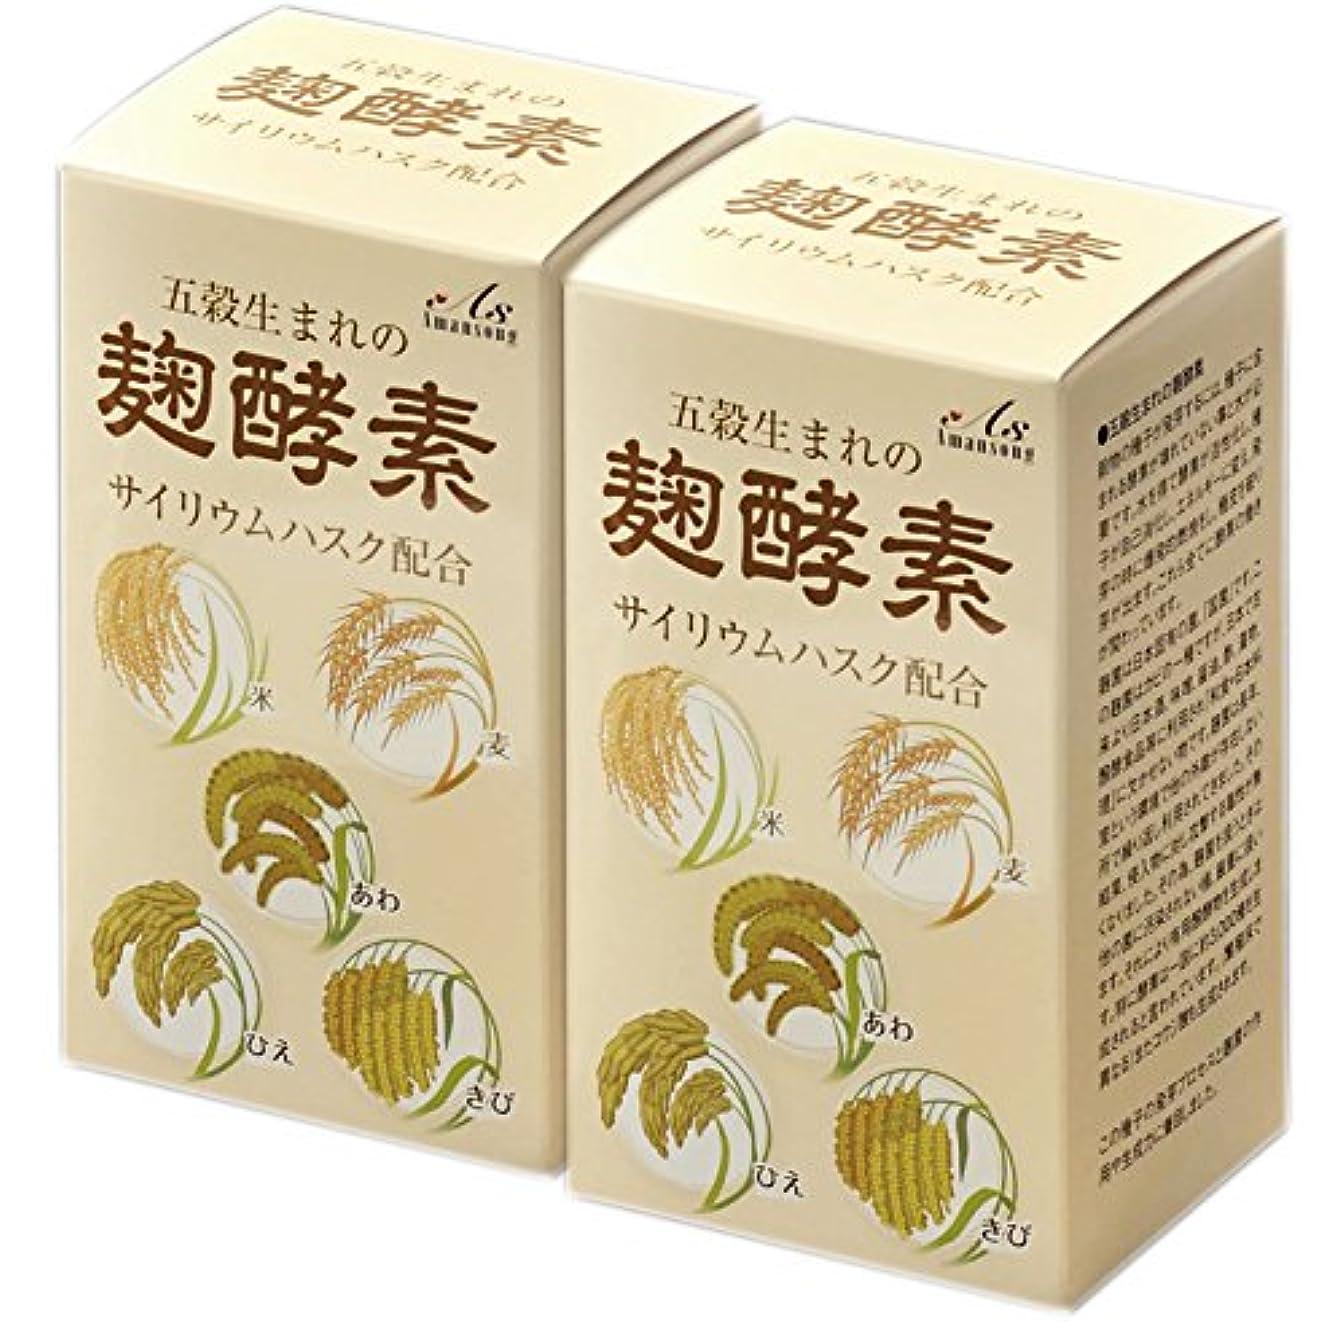 瞳タック子音A?S 2箱セット五穀生まれの麹酵素 更に1箱プレゼント、更に「活きてる酵素だし」1袋プレゼント